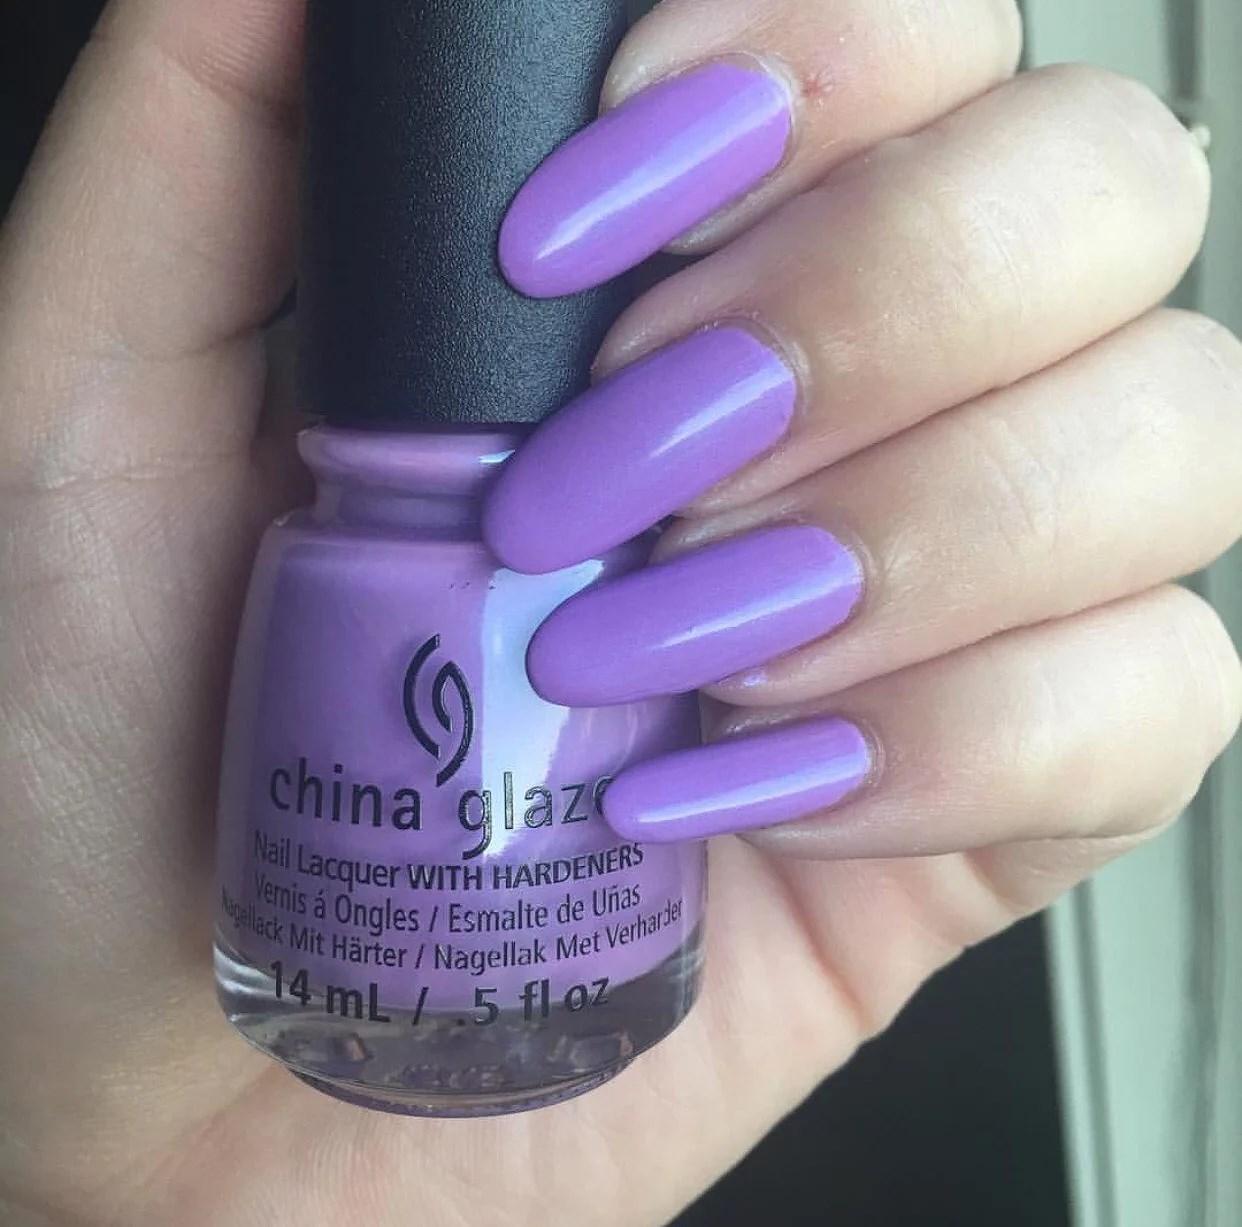 Årets alla naglar